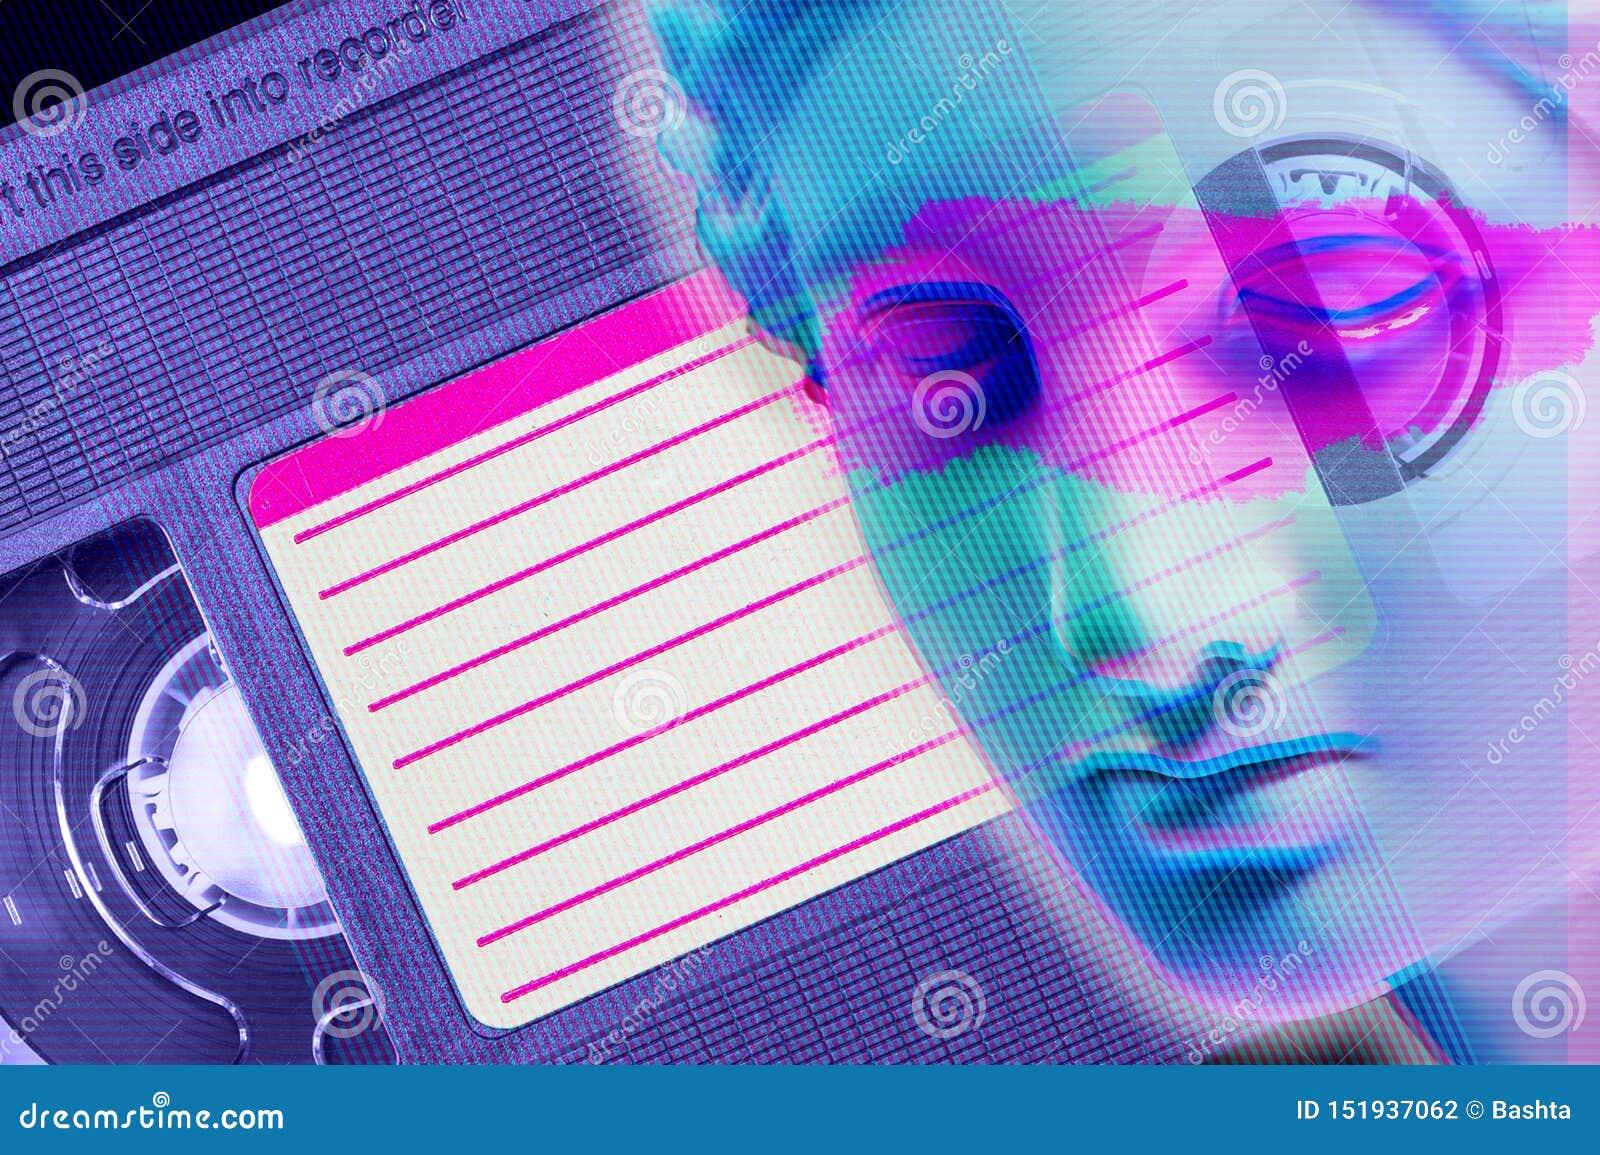 Modern Technology Contemporary Art